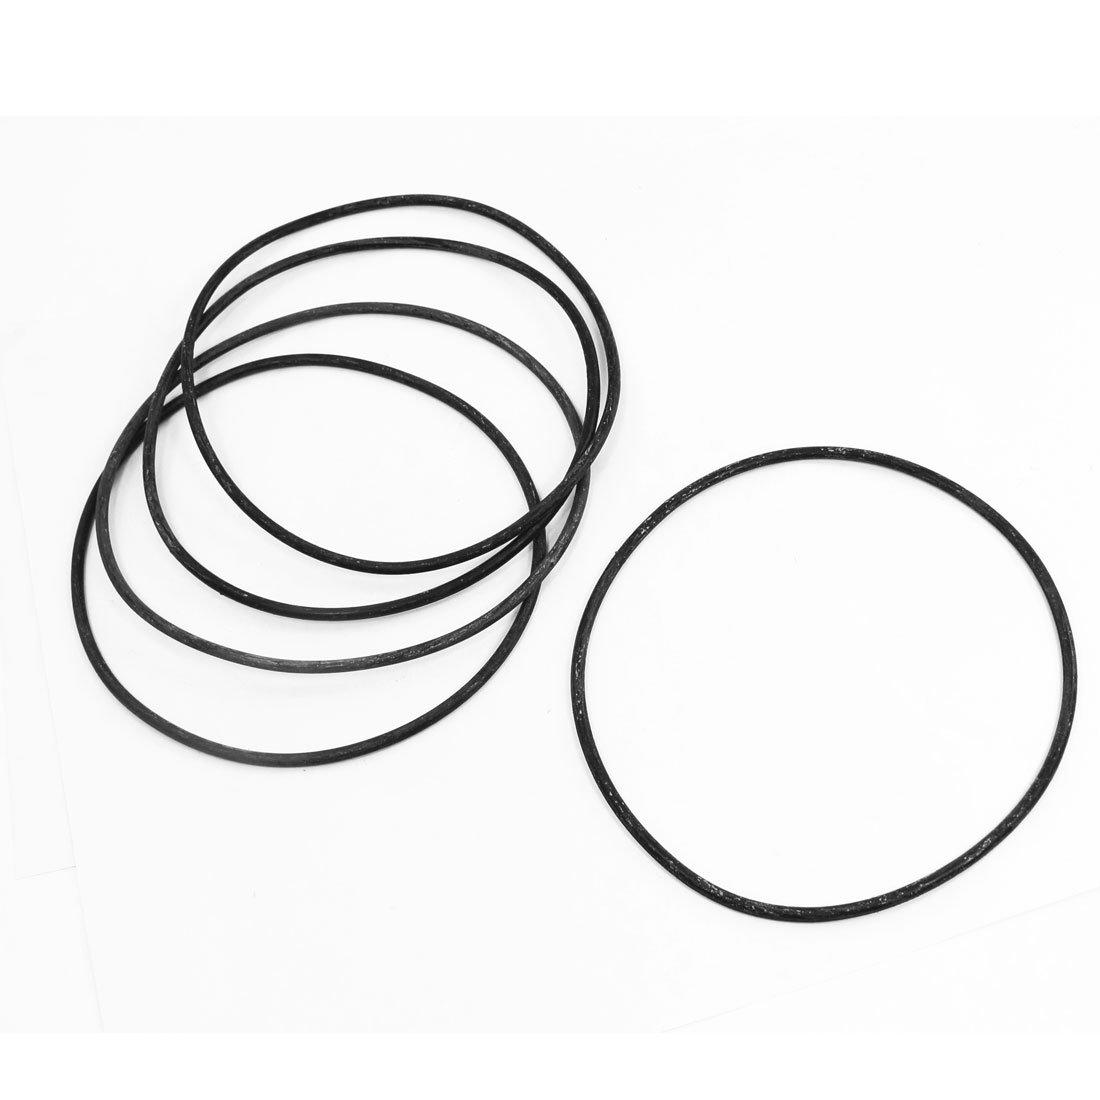 5pcs gomma flessibile O Ring Guarnizione Rondella di ricambio nero 150 mm x 4 mm Sourcingmap a14022100ux0234